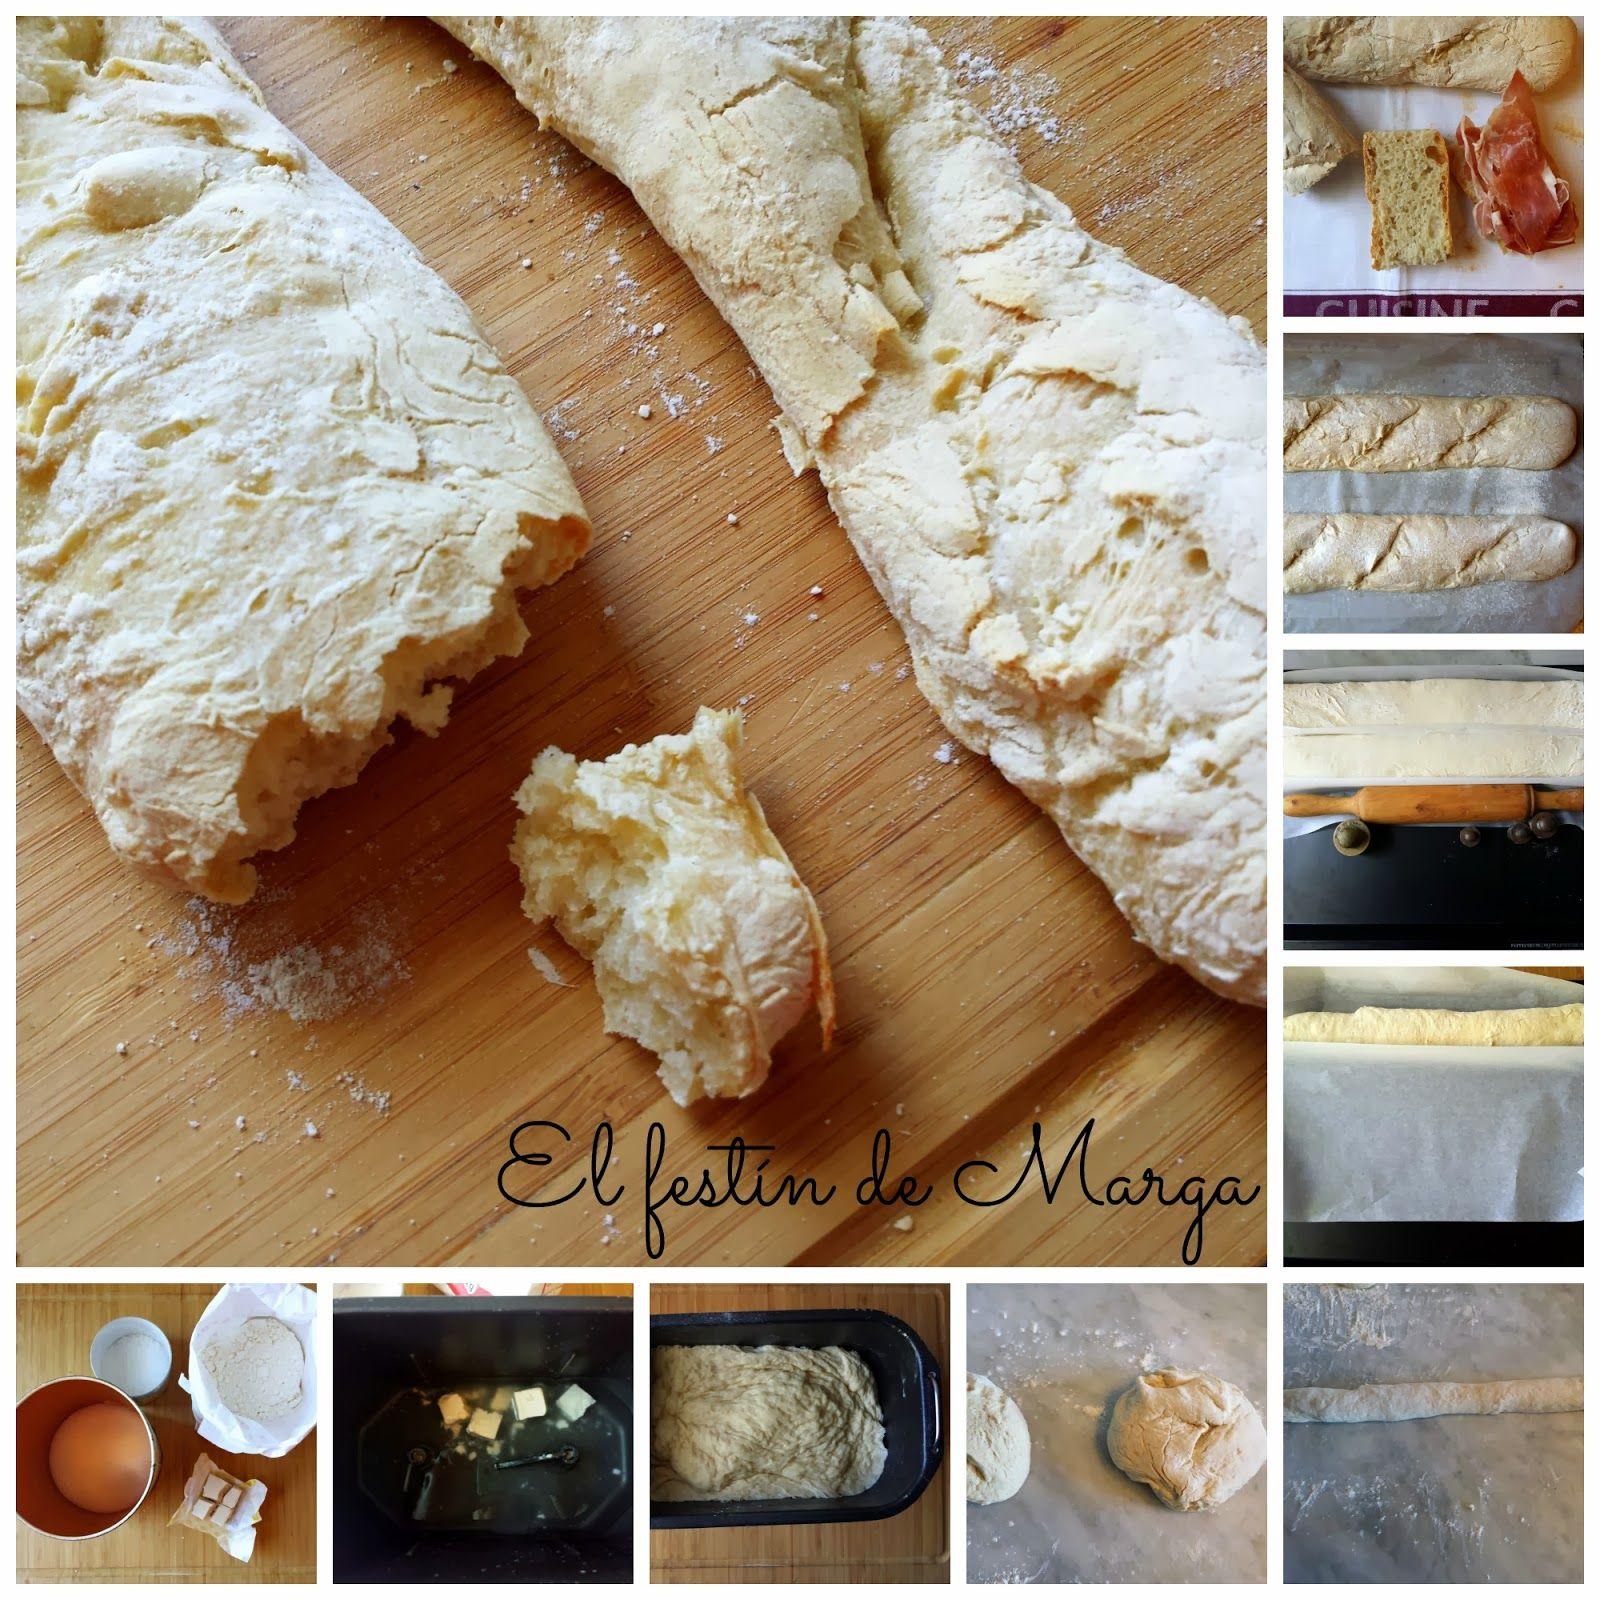 Receta de pan gallego casero